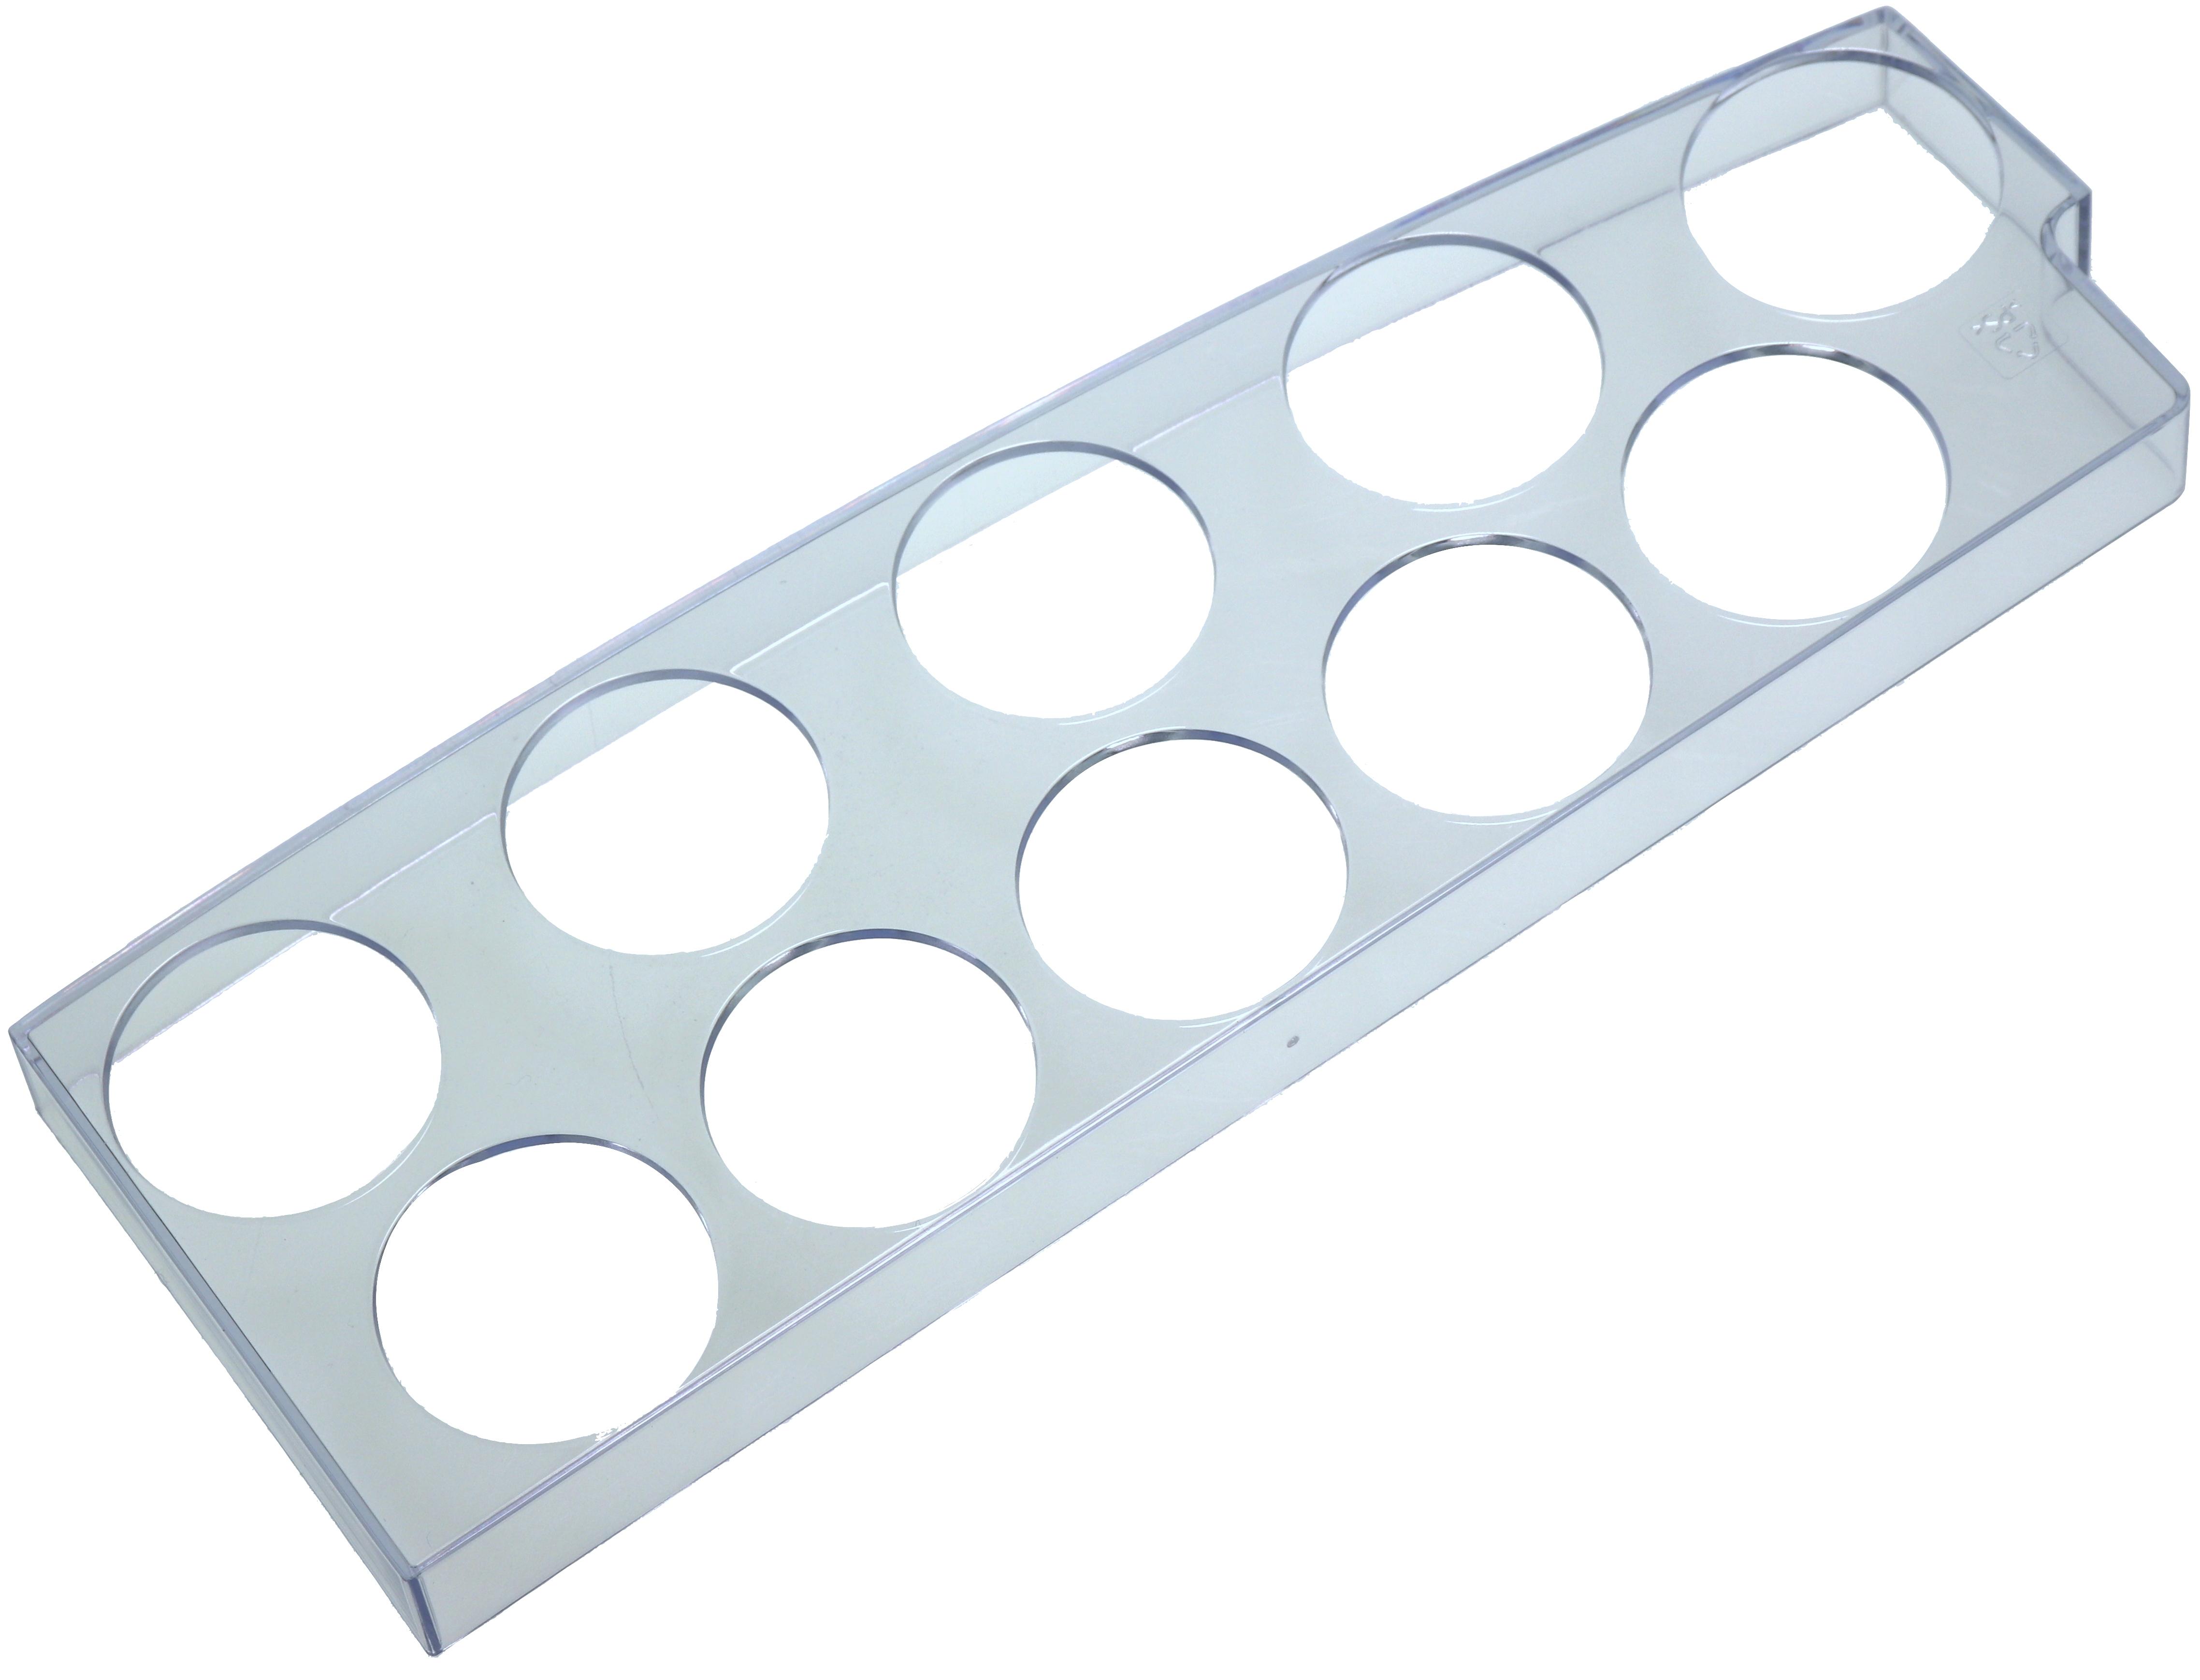 Kühlschrank Eierhalter 10 : Er eiereinsatz für kühlschrank x cm universell